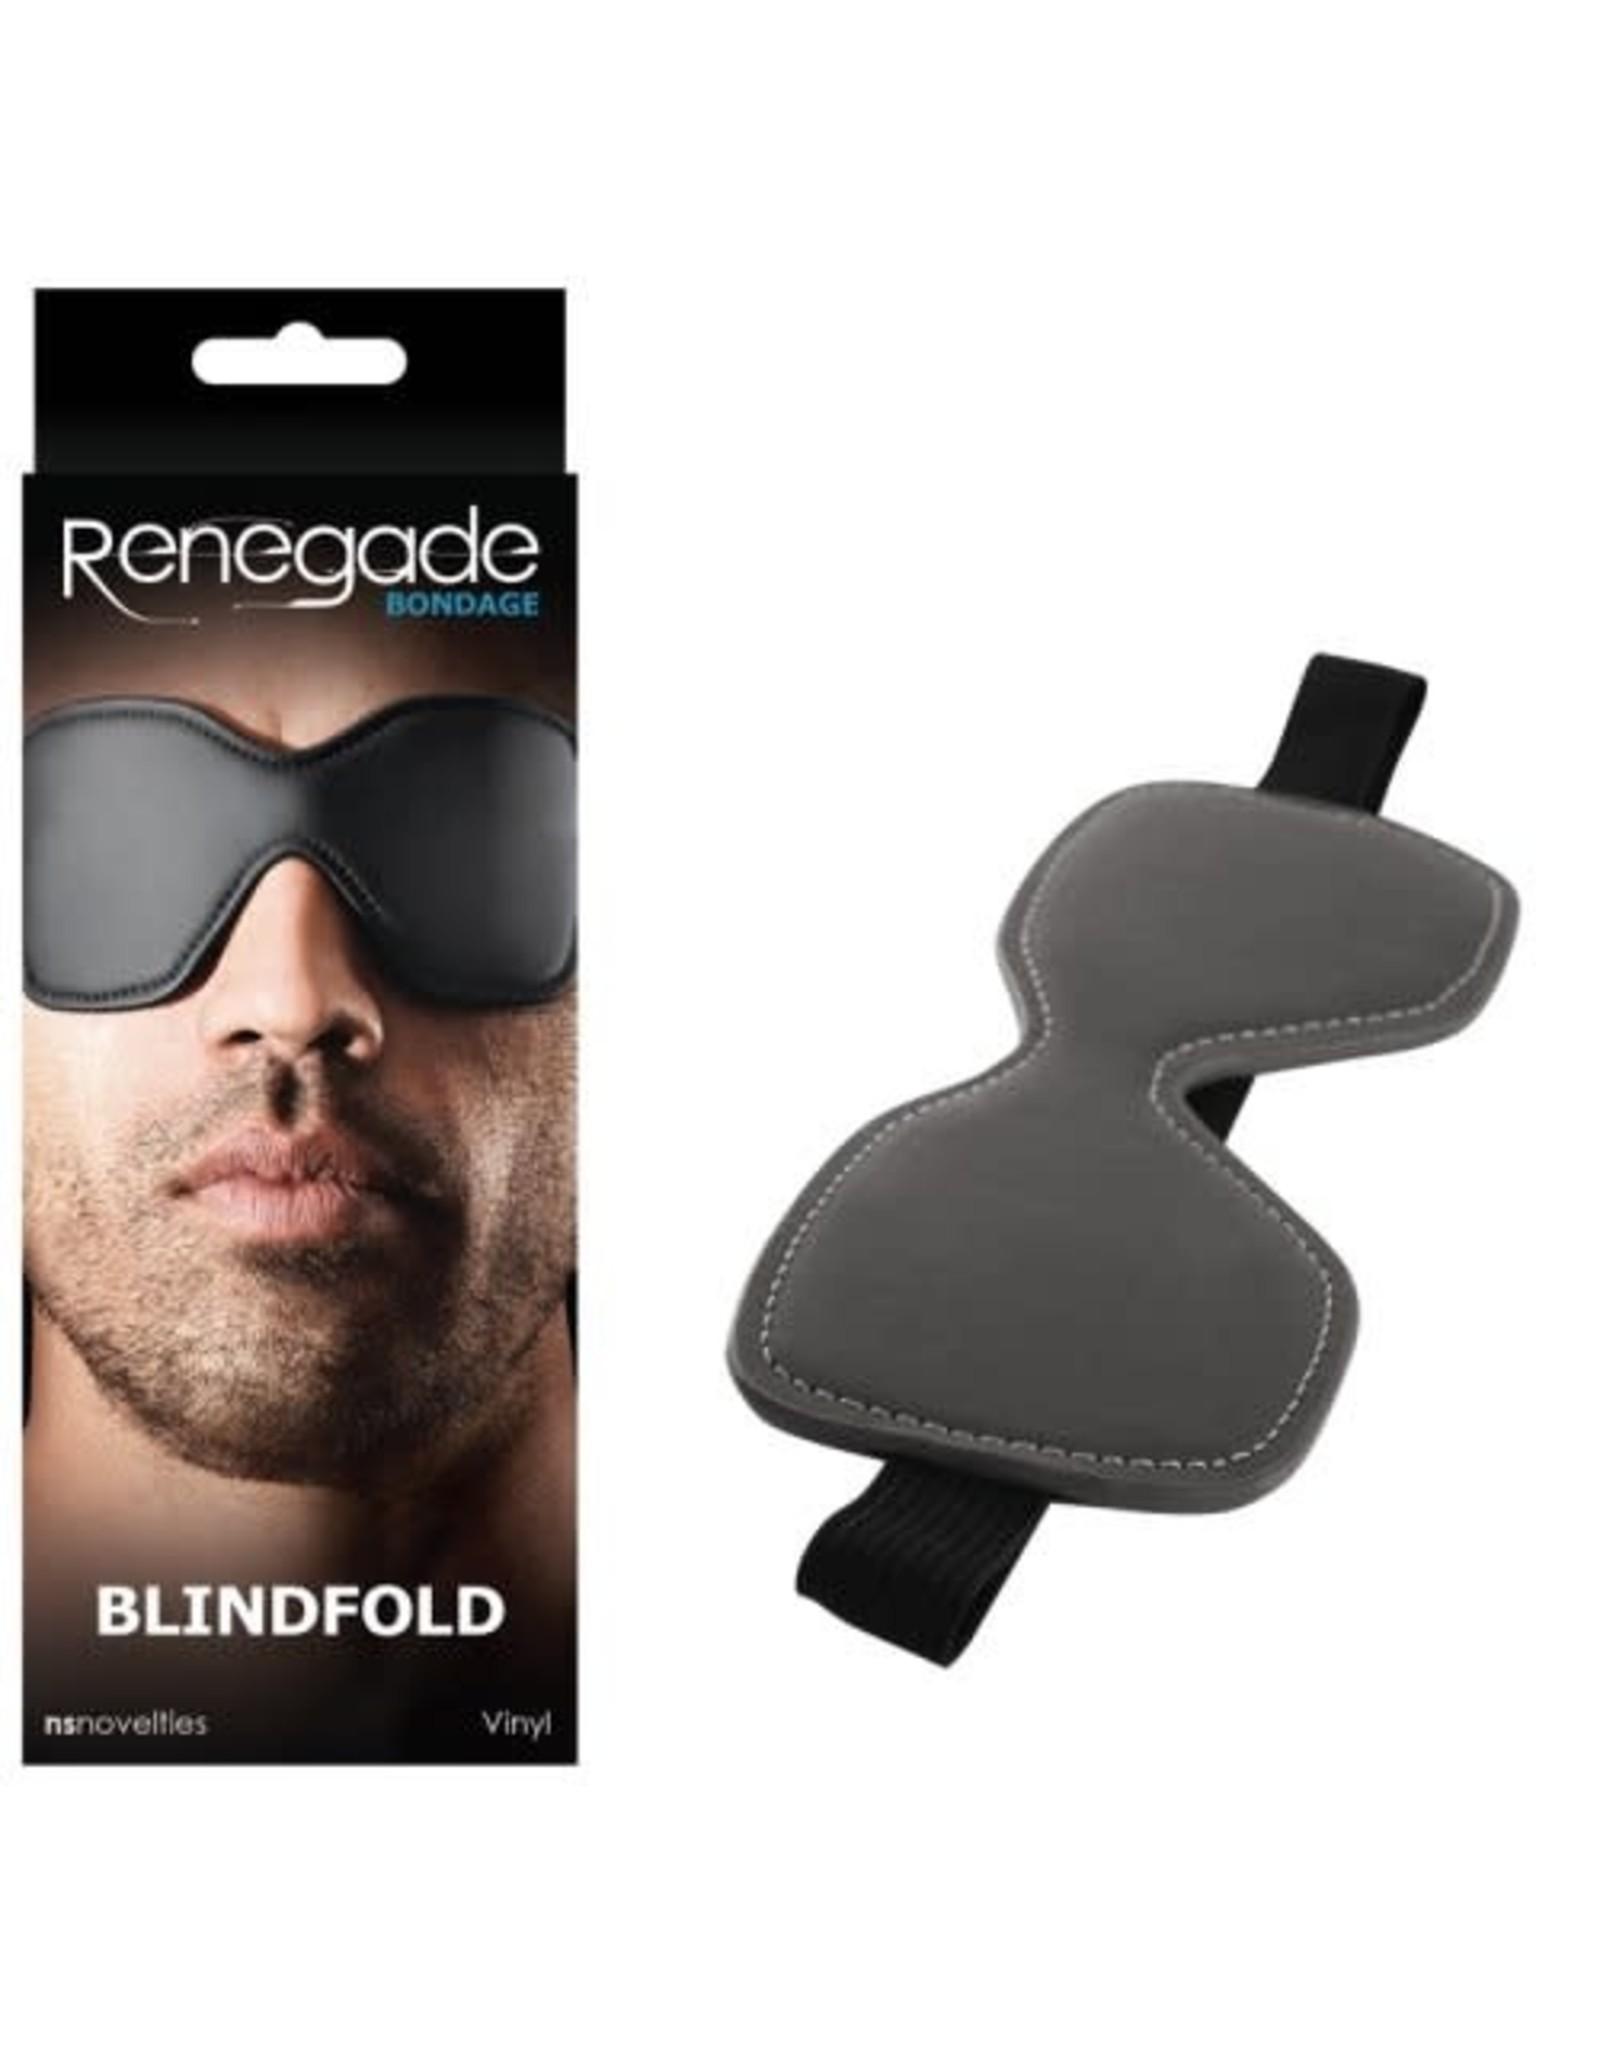 Renegade Bondage - Blindfold - Black